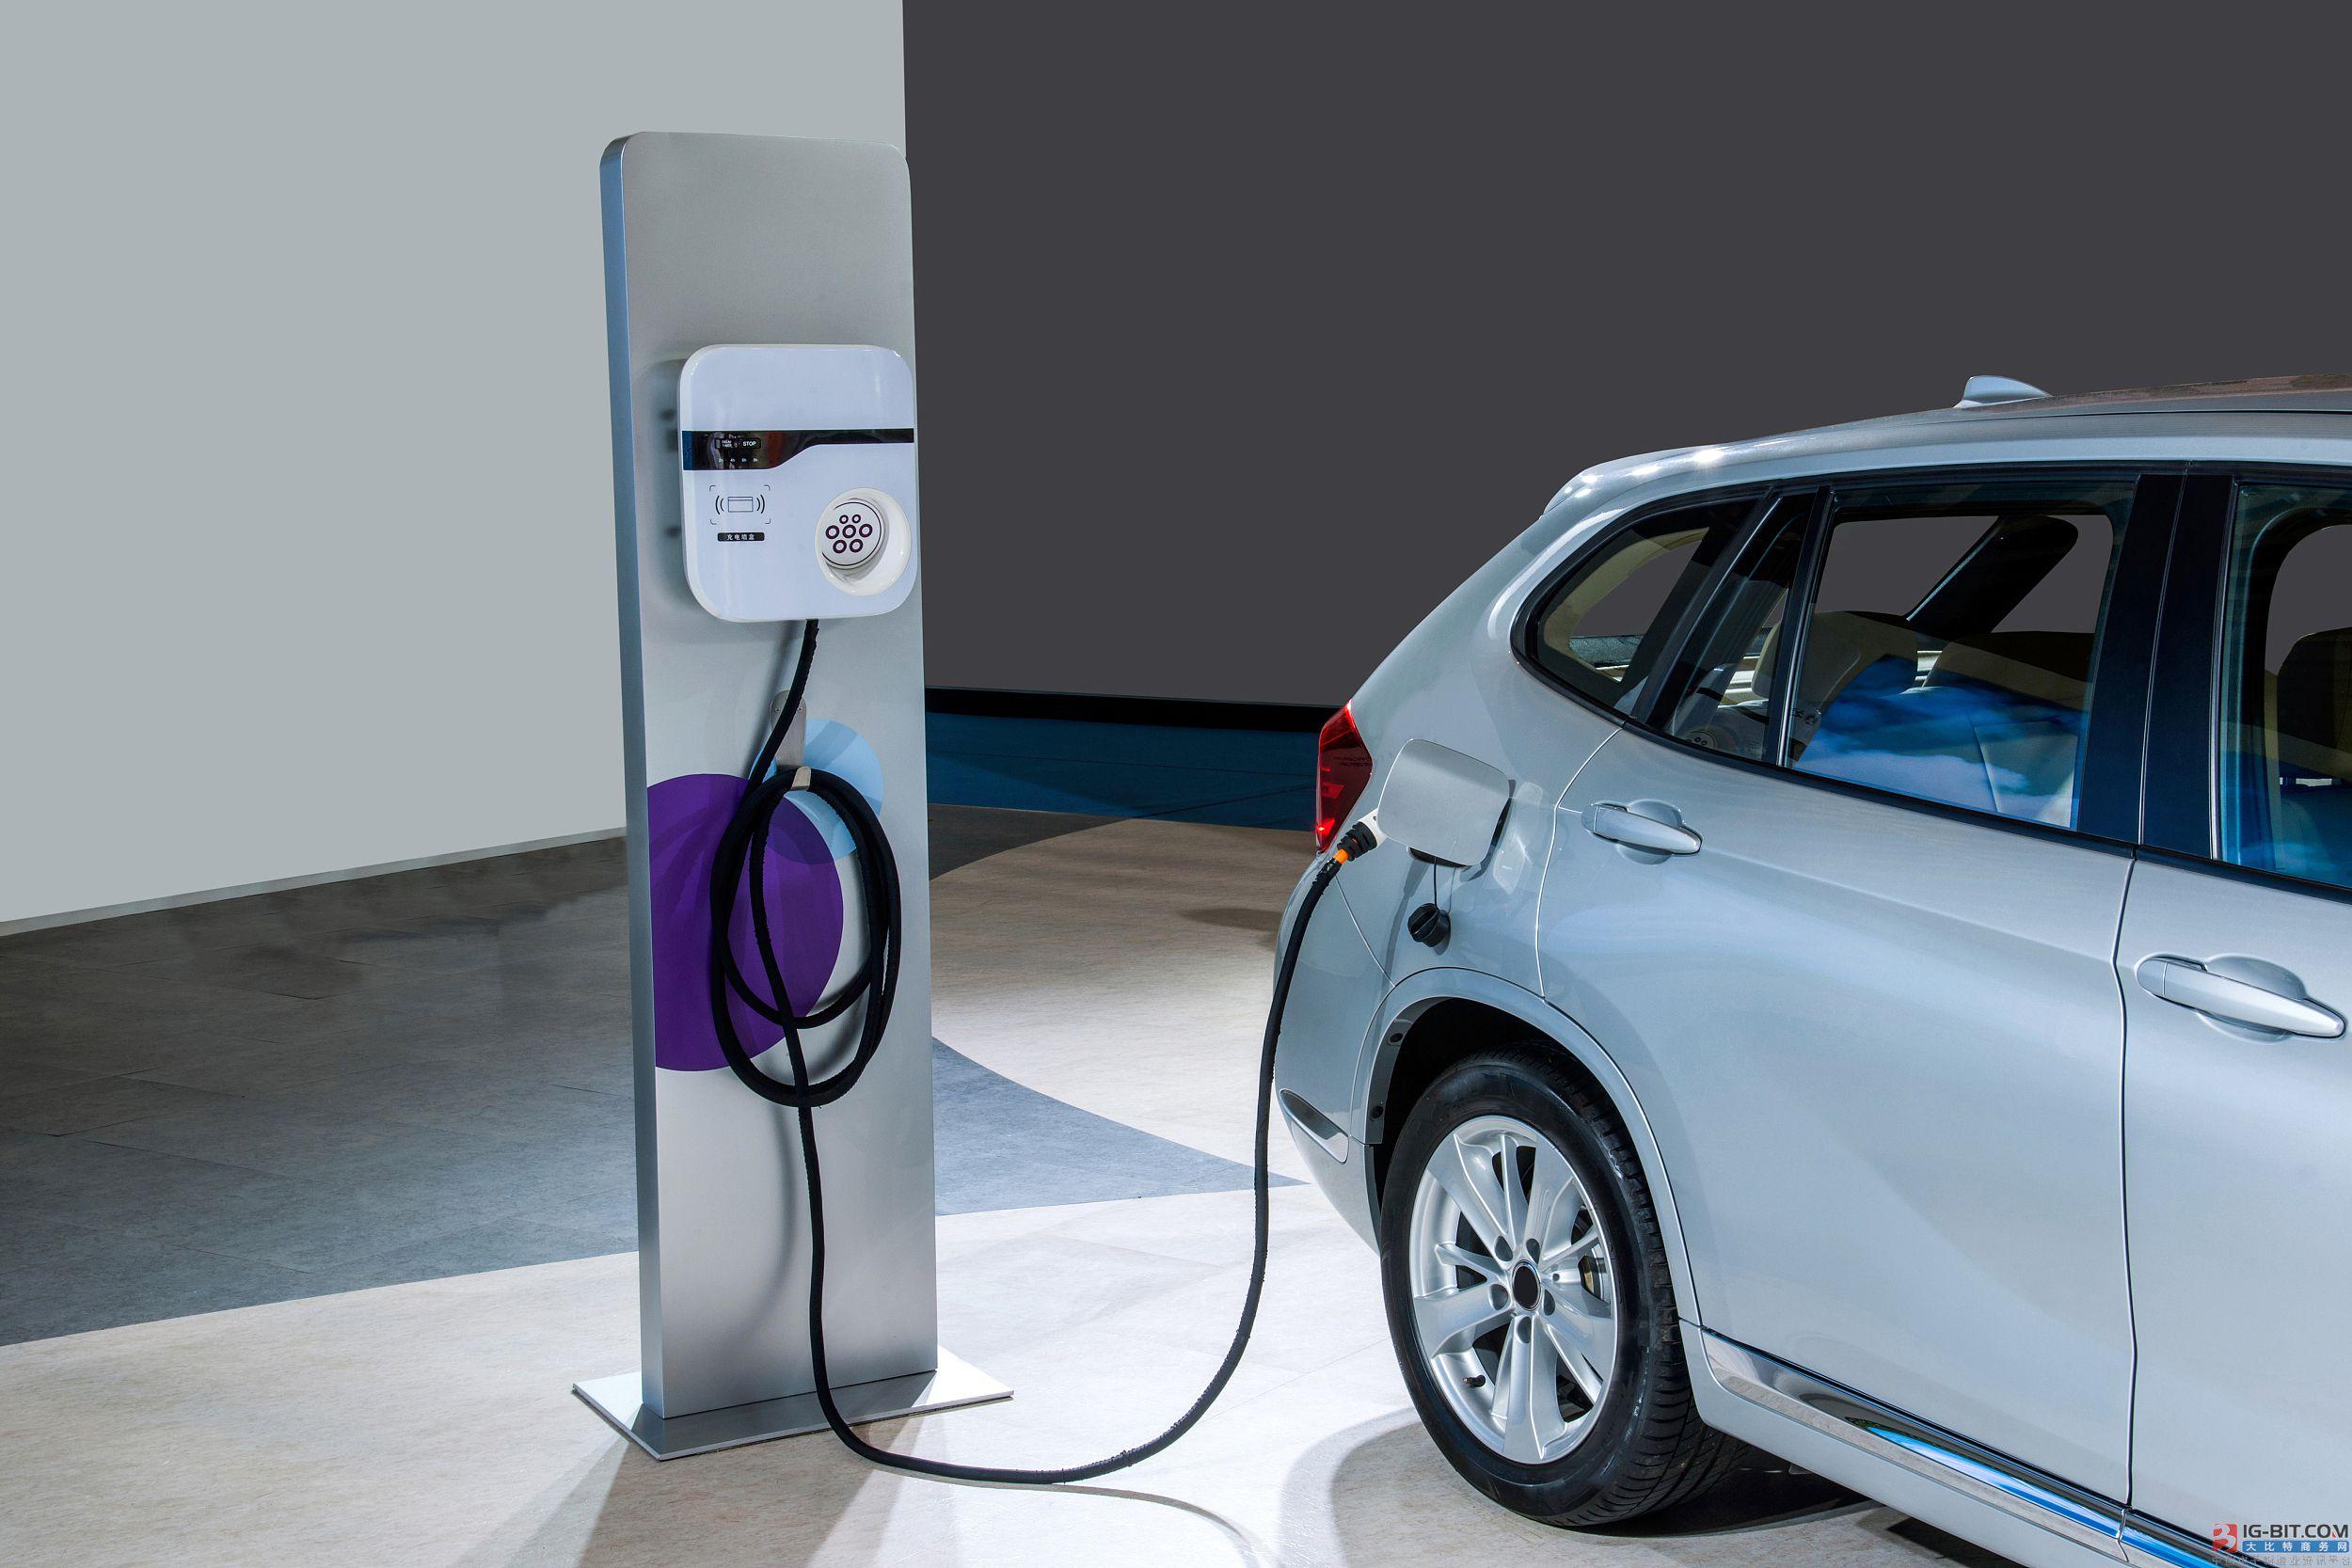 乐视孵化的电咖汽车与超威电池达成战略合作 含万台整车销售